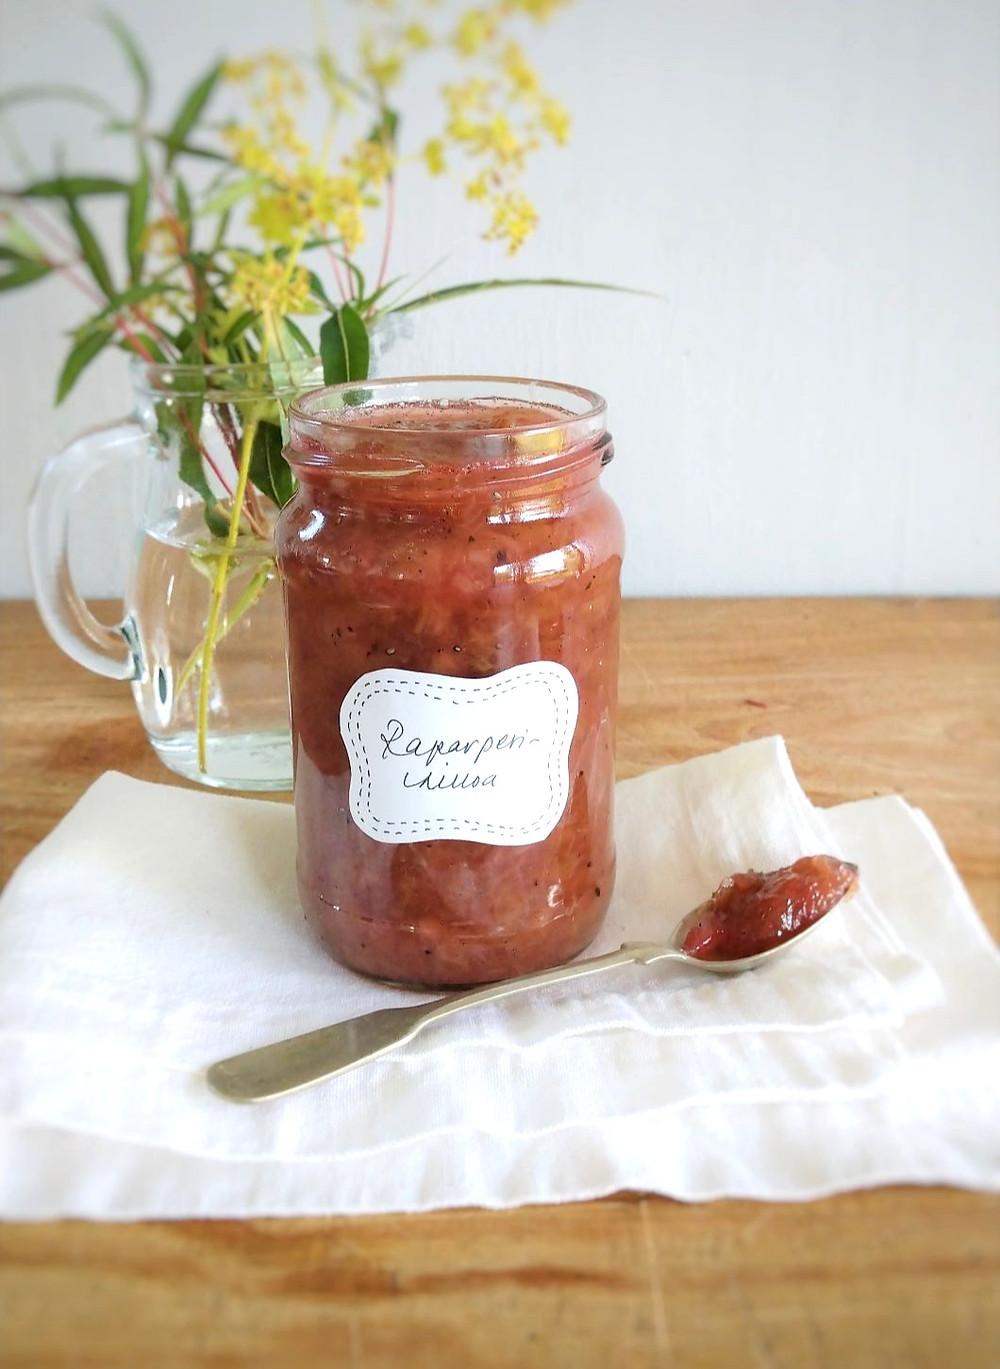 raparperihillo, hillo, hilloaminen, raparperipiirakka, säilöntä, blogit, mansikka, reseptit,mansikkahillo, kardemumma, mansikkaraparperi, kardemummakakku, rapaperihilloke, hilloskeria, ruoka, itse tehty hillo